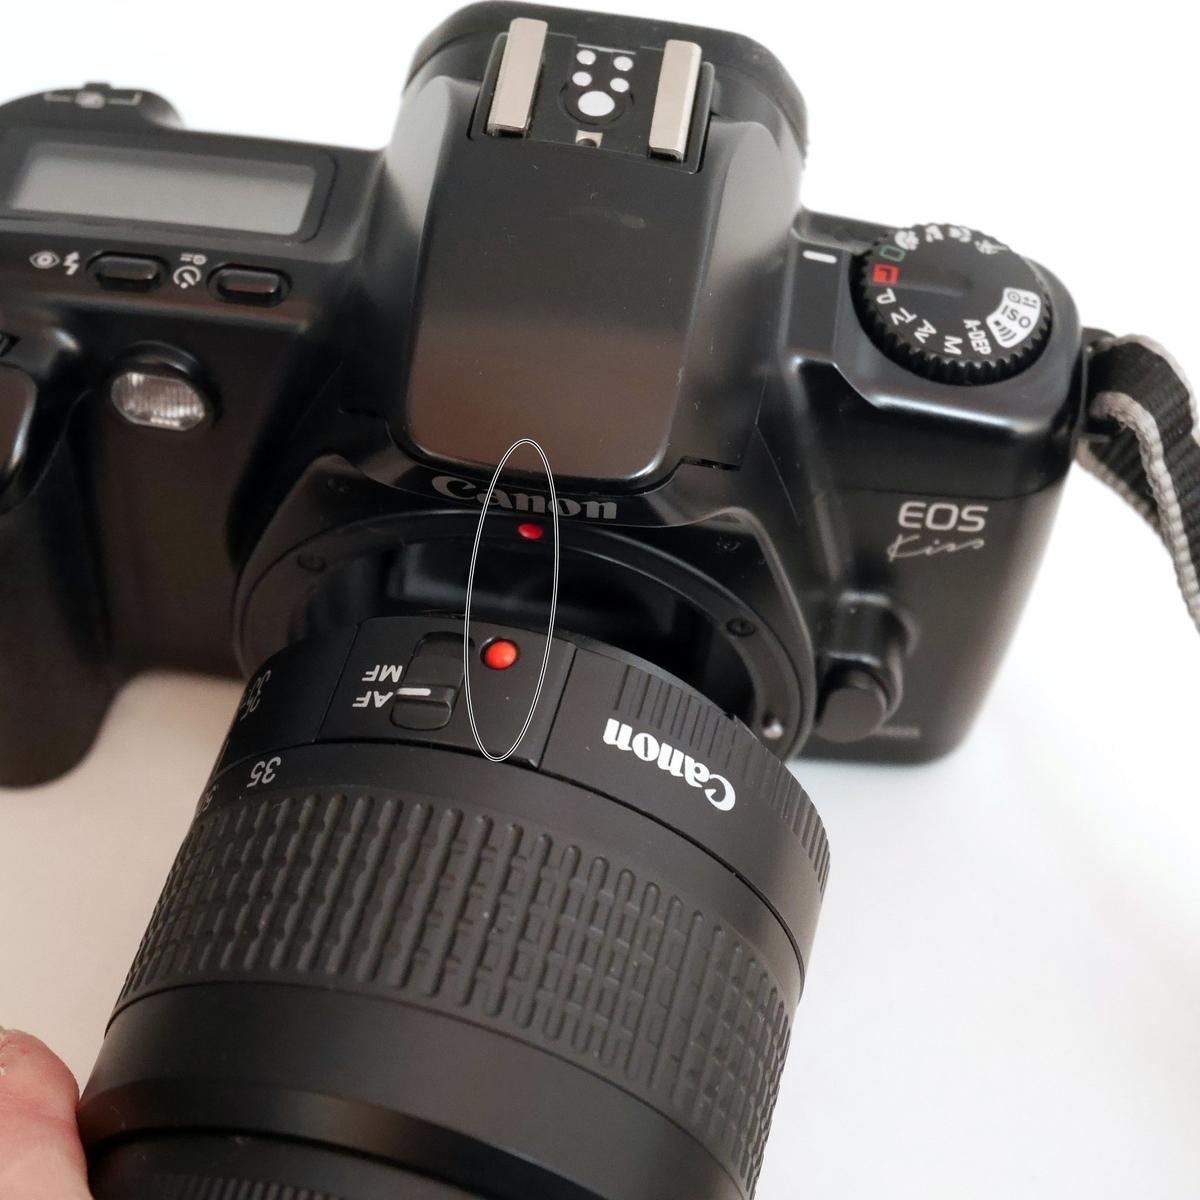 f:id:papiocamera:20210201155923j:plain